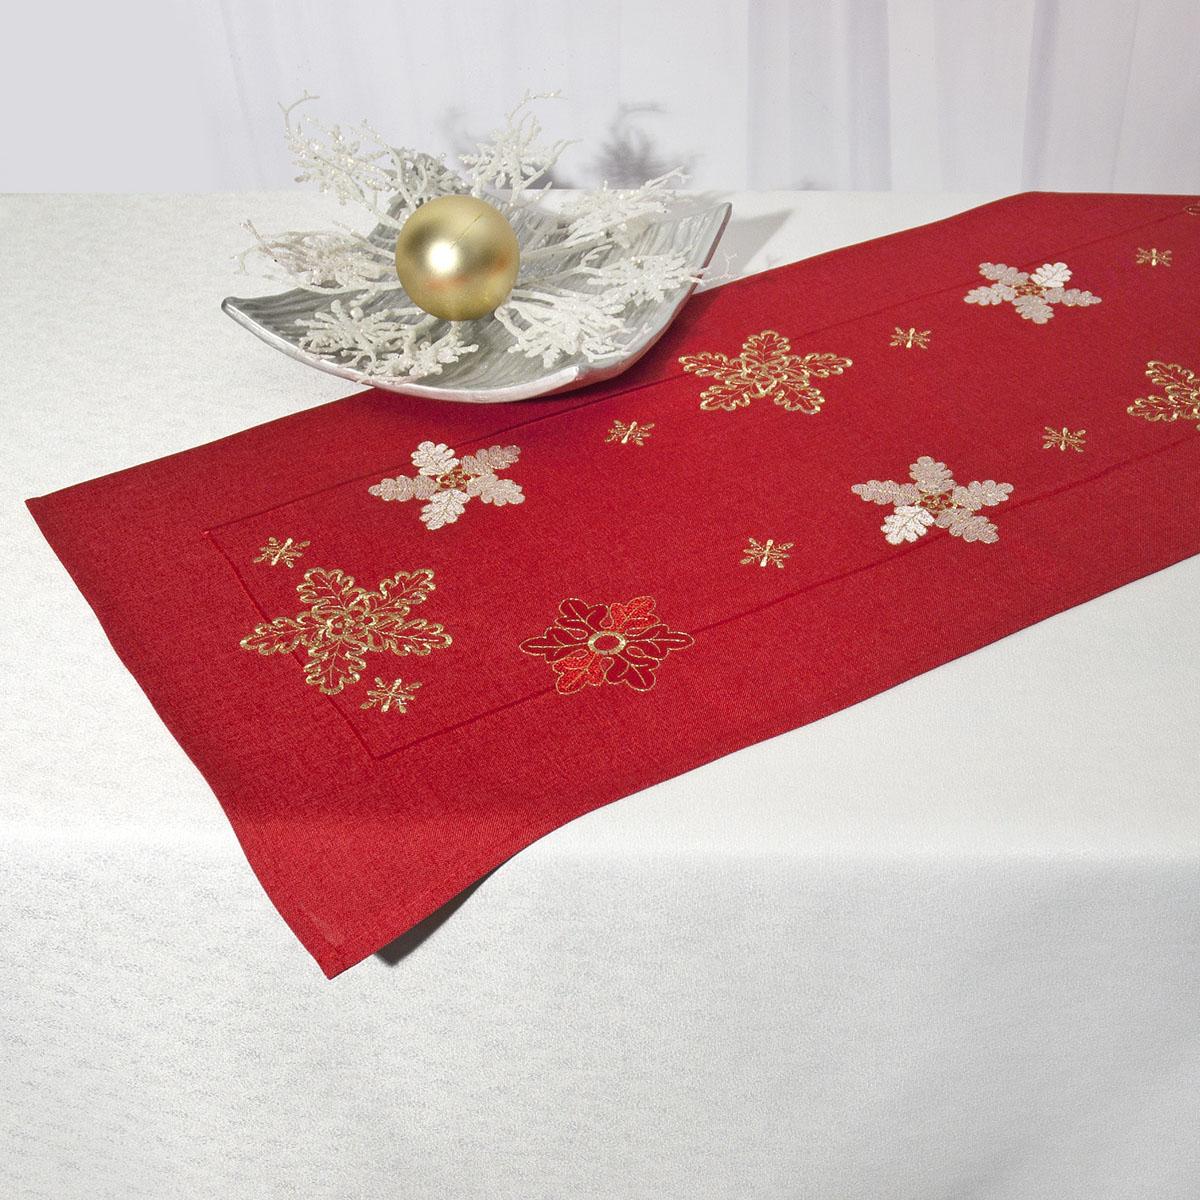 Дорожка для декорирования стола Schaefer, прямоугольная, цвет: красный, 40 x 110 см 07490-233019011254Дорожка Schaefer выполнена из высококачественного полиэстера и украшена вышитым рисунком в виде снежинок. Вы можете использовать дорожку для декорирования стола, комода или журнального столика.Благодаря такой дорожке вы защитите поверхность мебели от воды, пятен и механических воздействий, а также создадите атмосферу уюта и домашнего тепла в интерьере вашей квартиры. Изделия из искусственных волокон легко стирать: они не мнутся, не садятся и быстро сохнут, они более долговечны, чем изделия из натуральных волокон. Изысканный текстиль от немецкой компании Schaefer - это красота, стиль и уют в вашем доме. Дорожка органично впишется в интерьер любого помещения, а оригинальный дизайн удовлетворит даже самый изысканный вкус. Дарите себе и близким красоту каждый день!